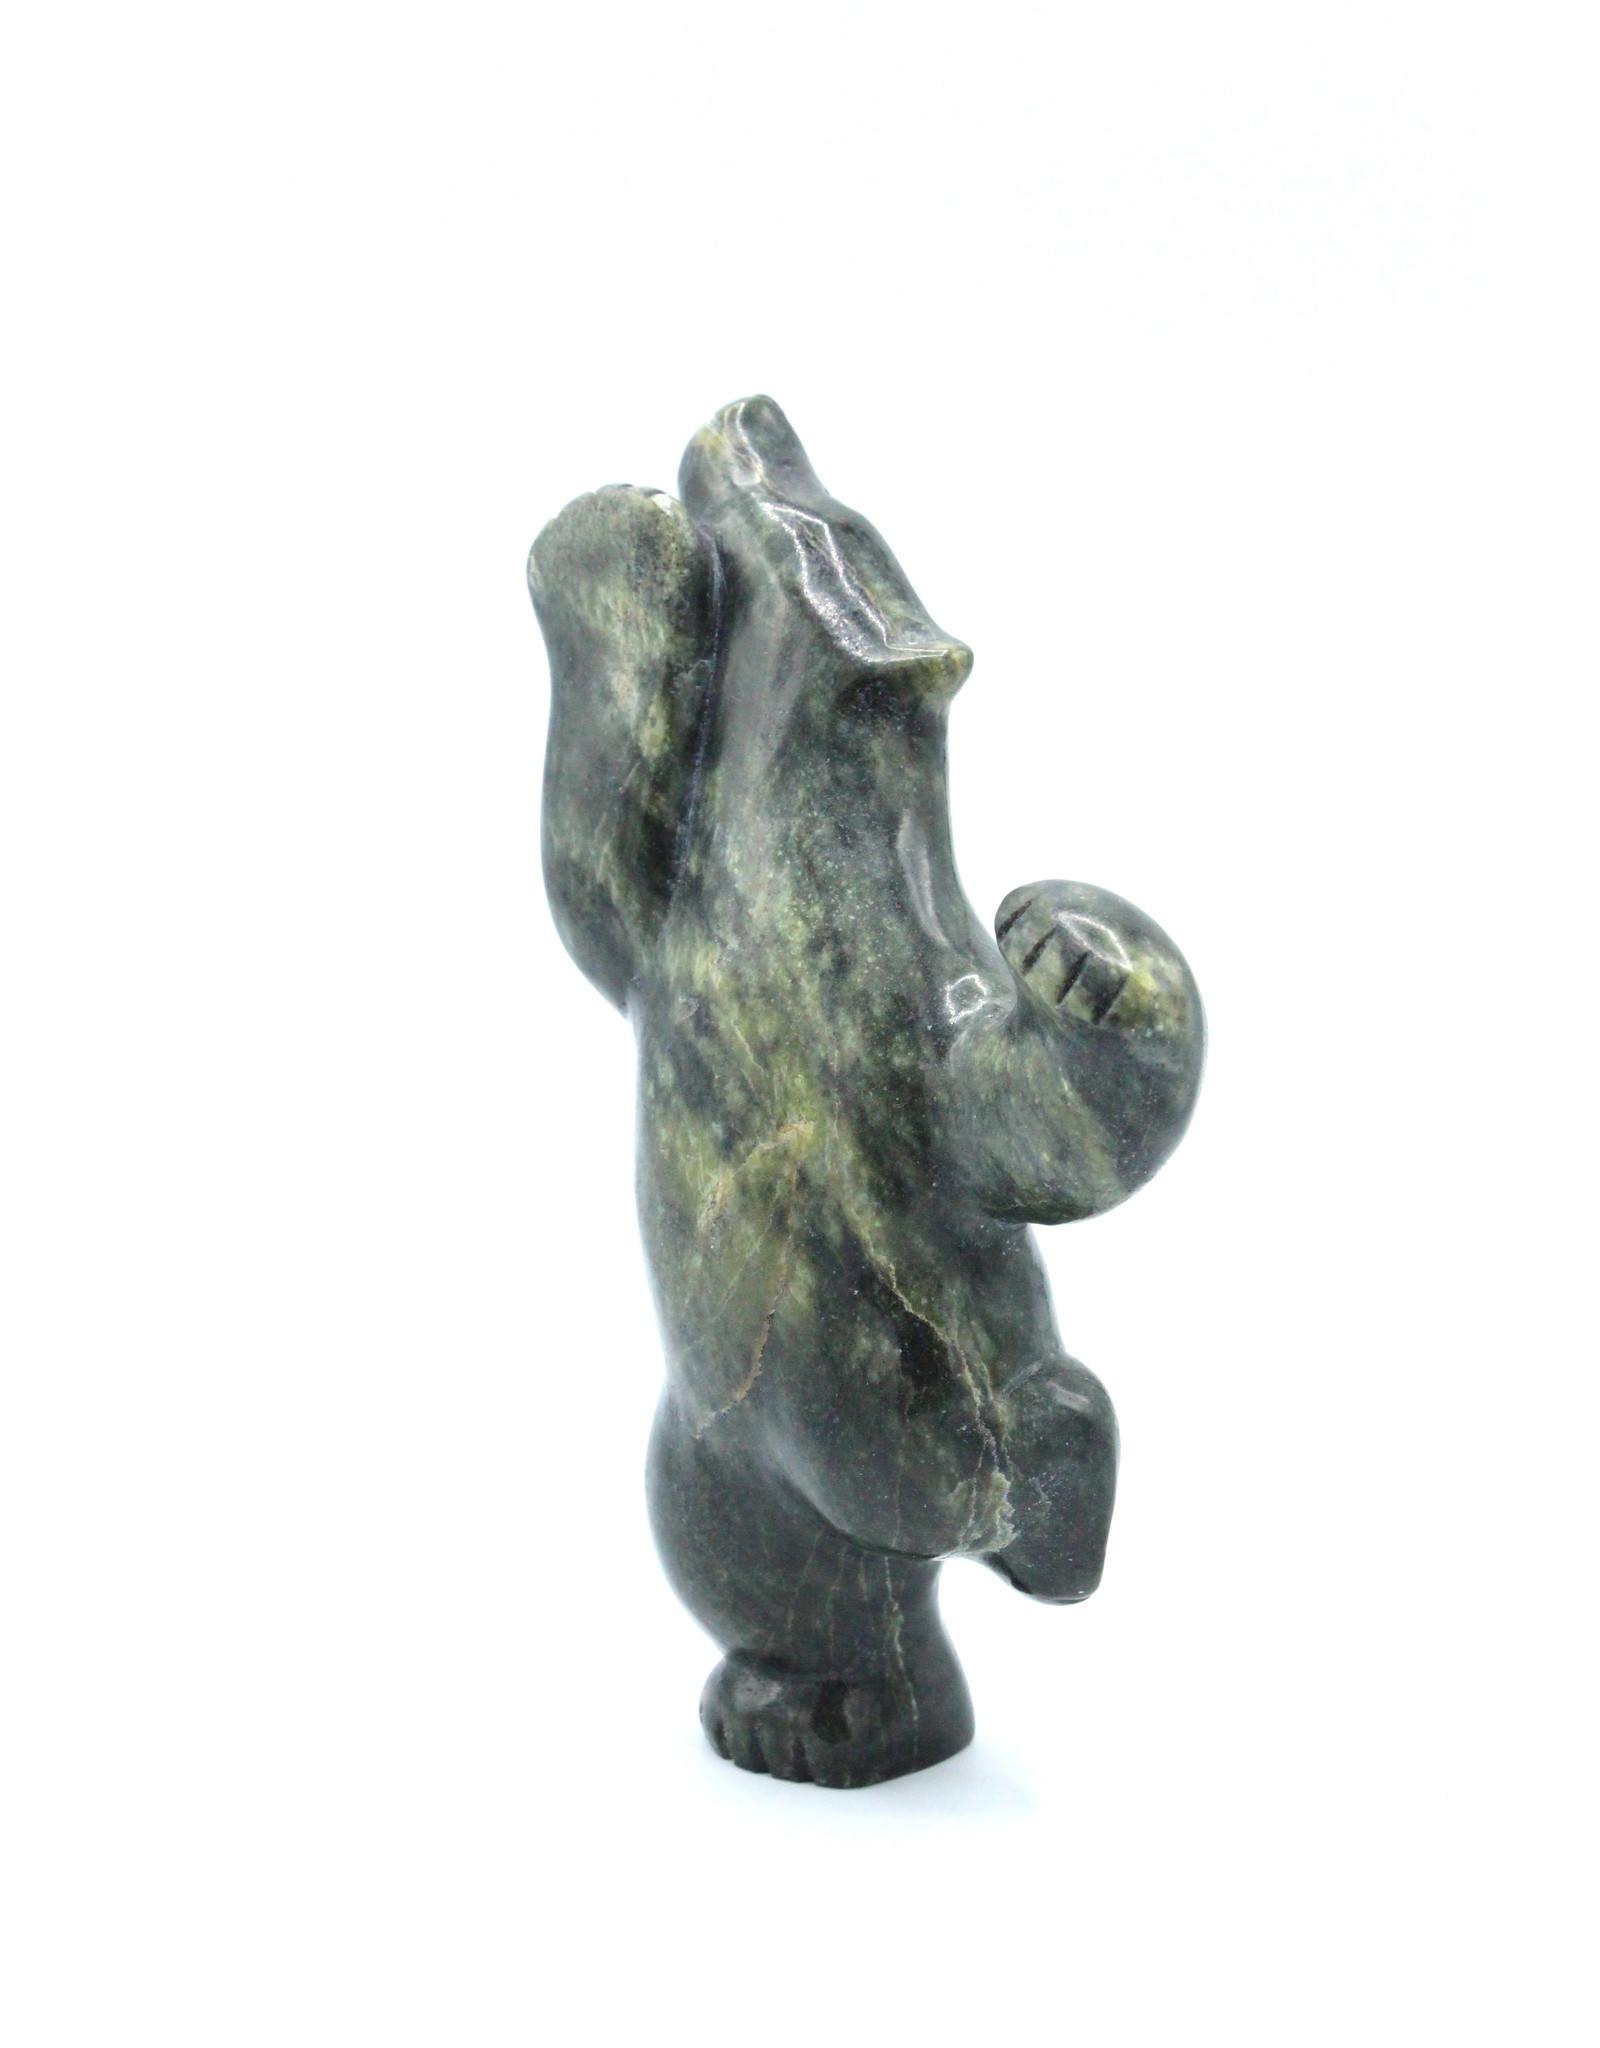 66665 Bear by Markosie Papigatook